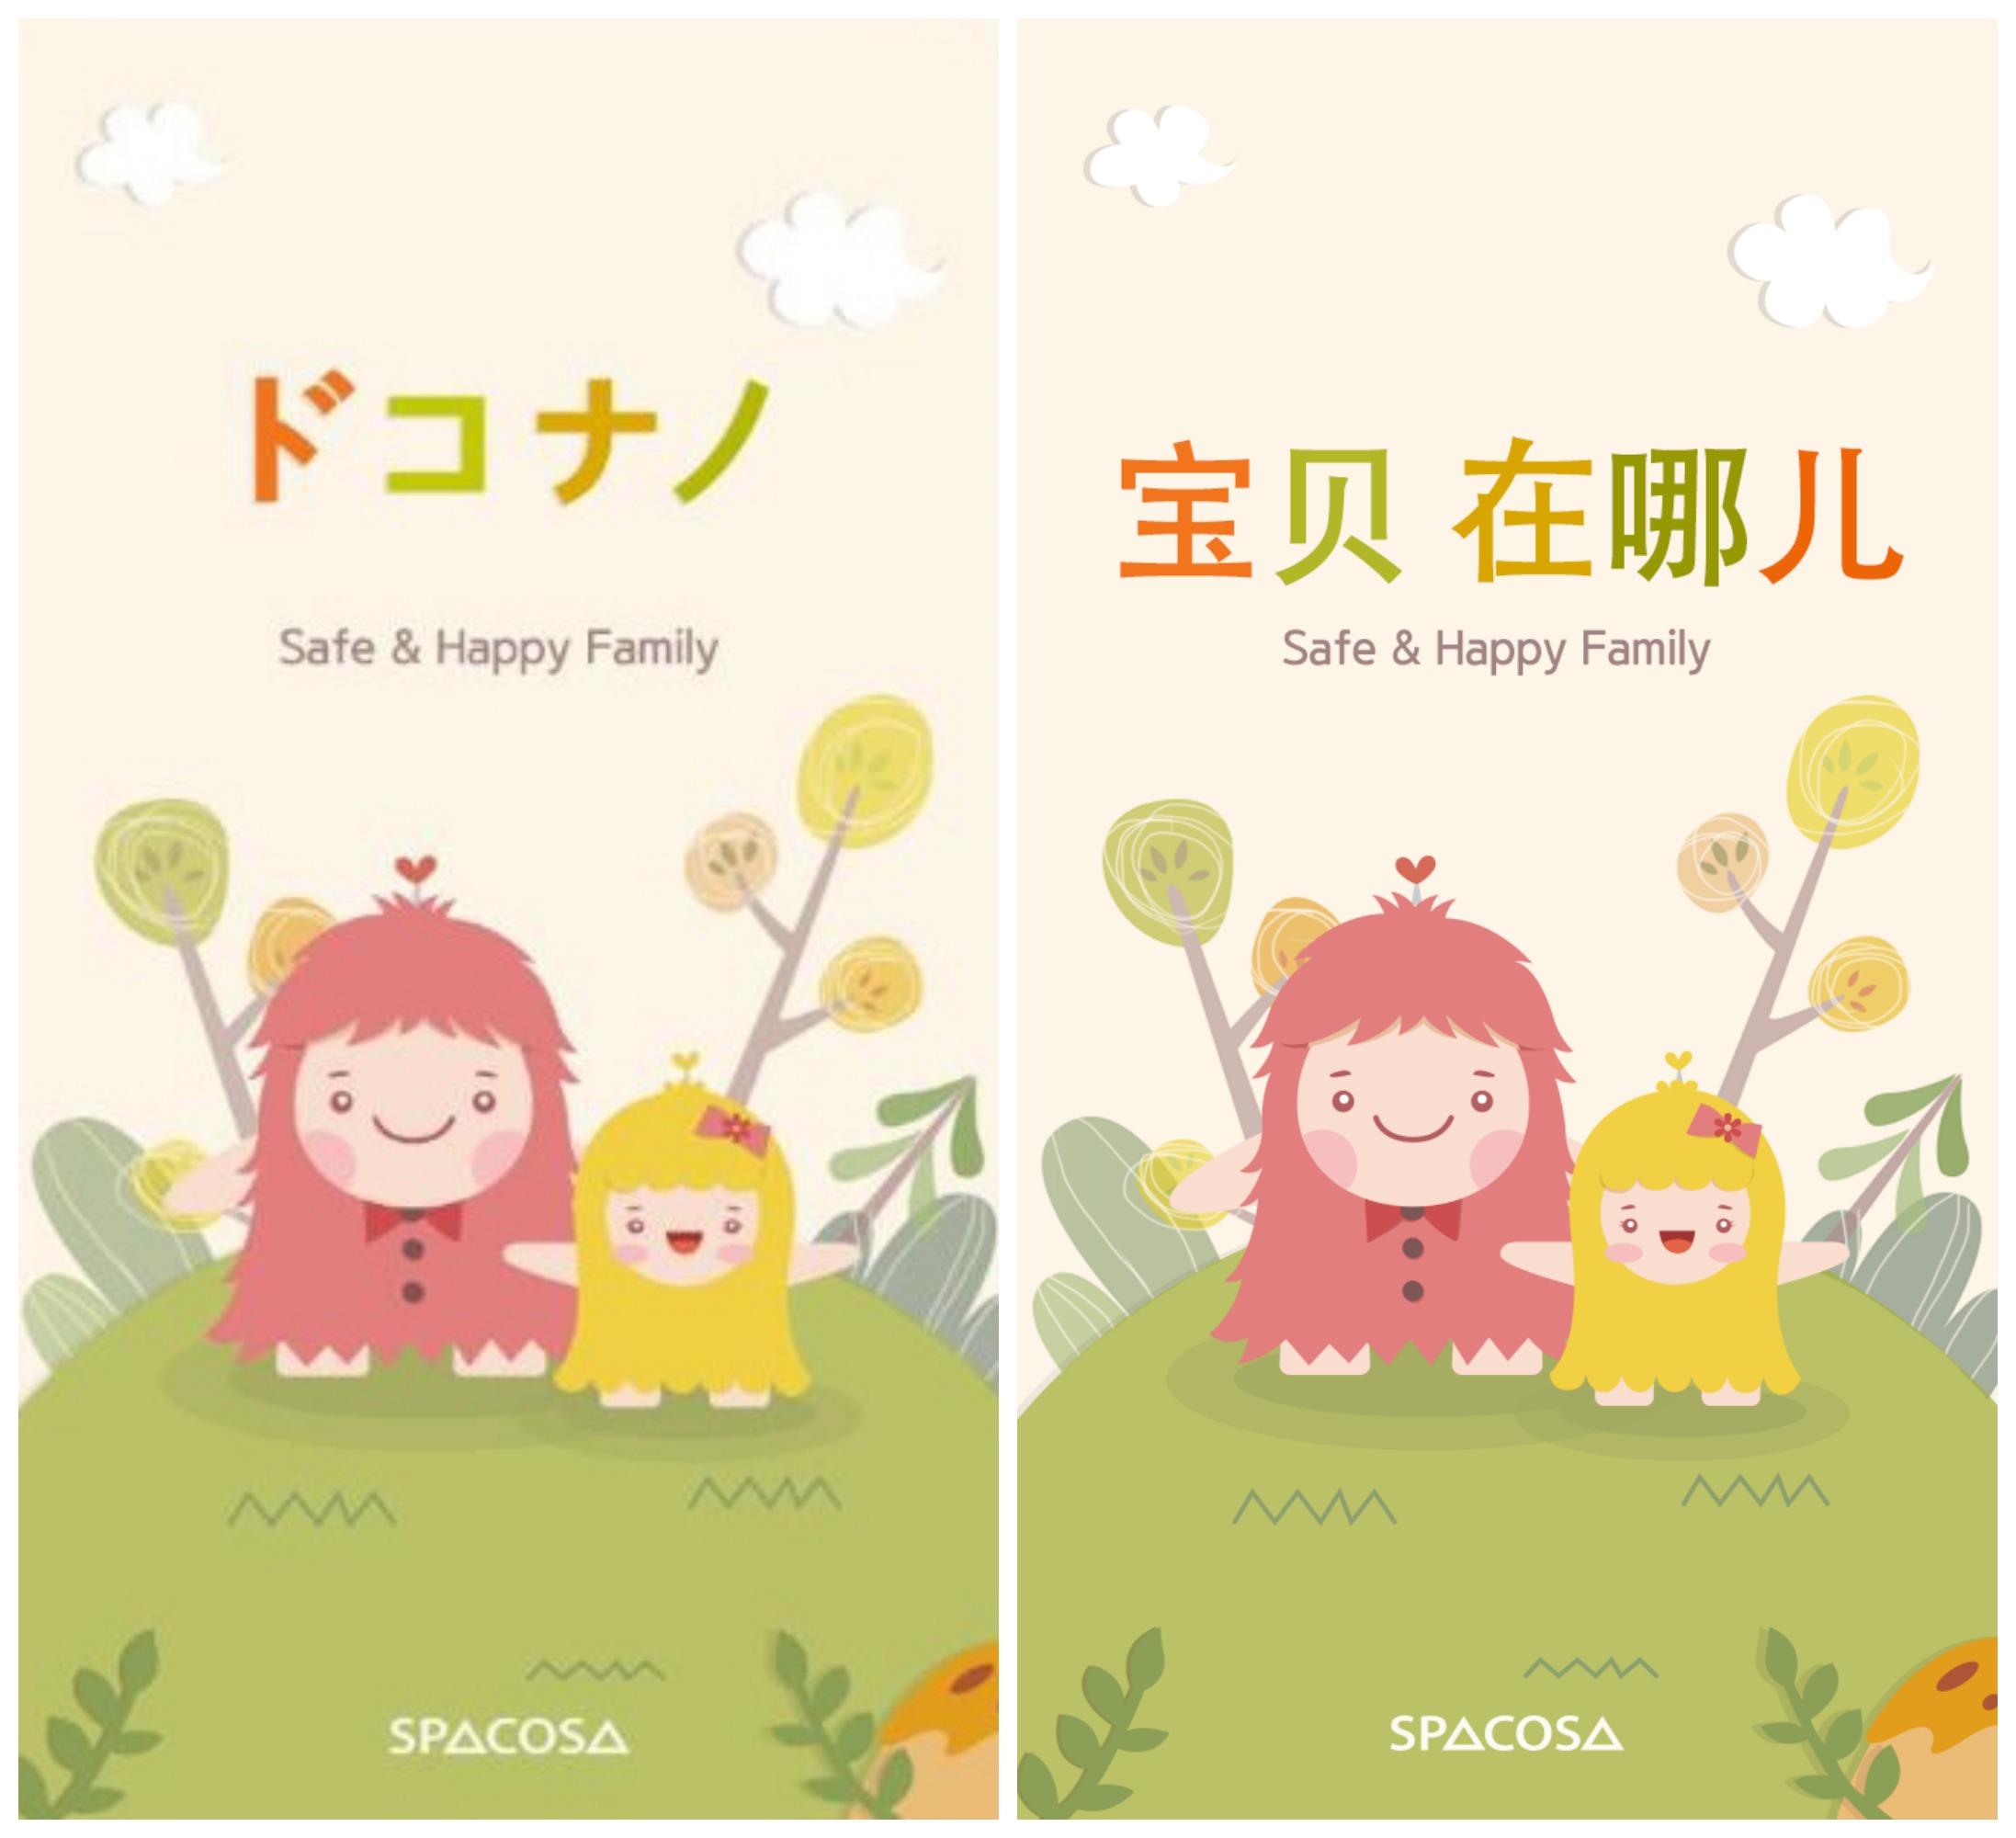 일본어, 중국어 버전의 패미(FAMY)